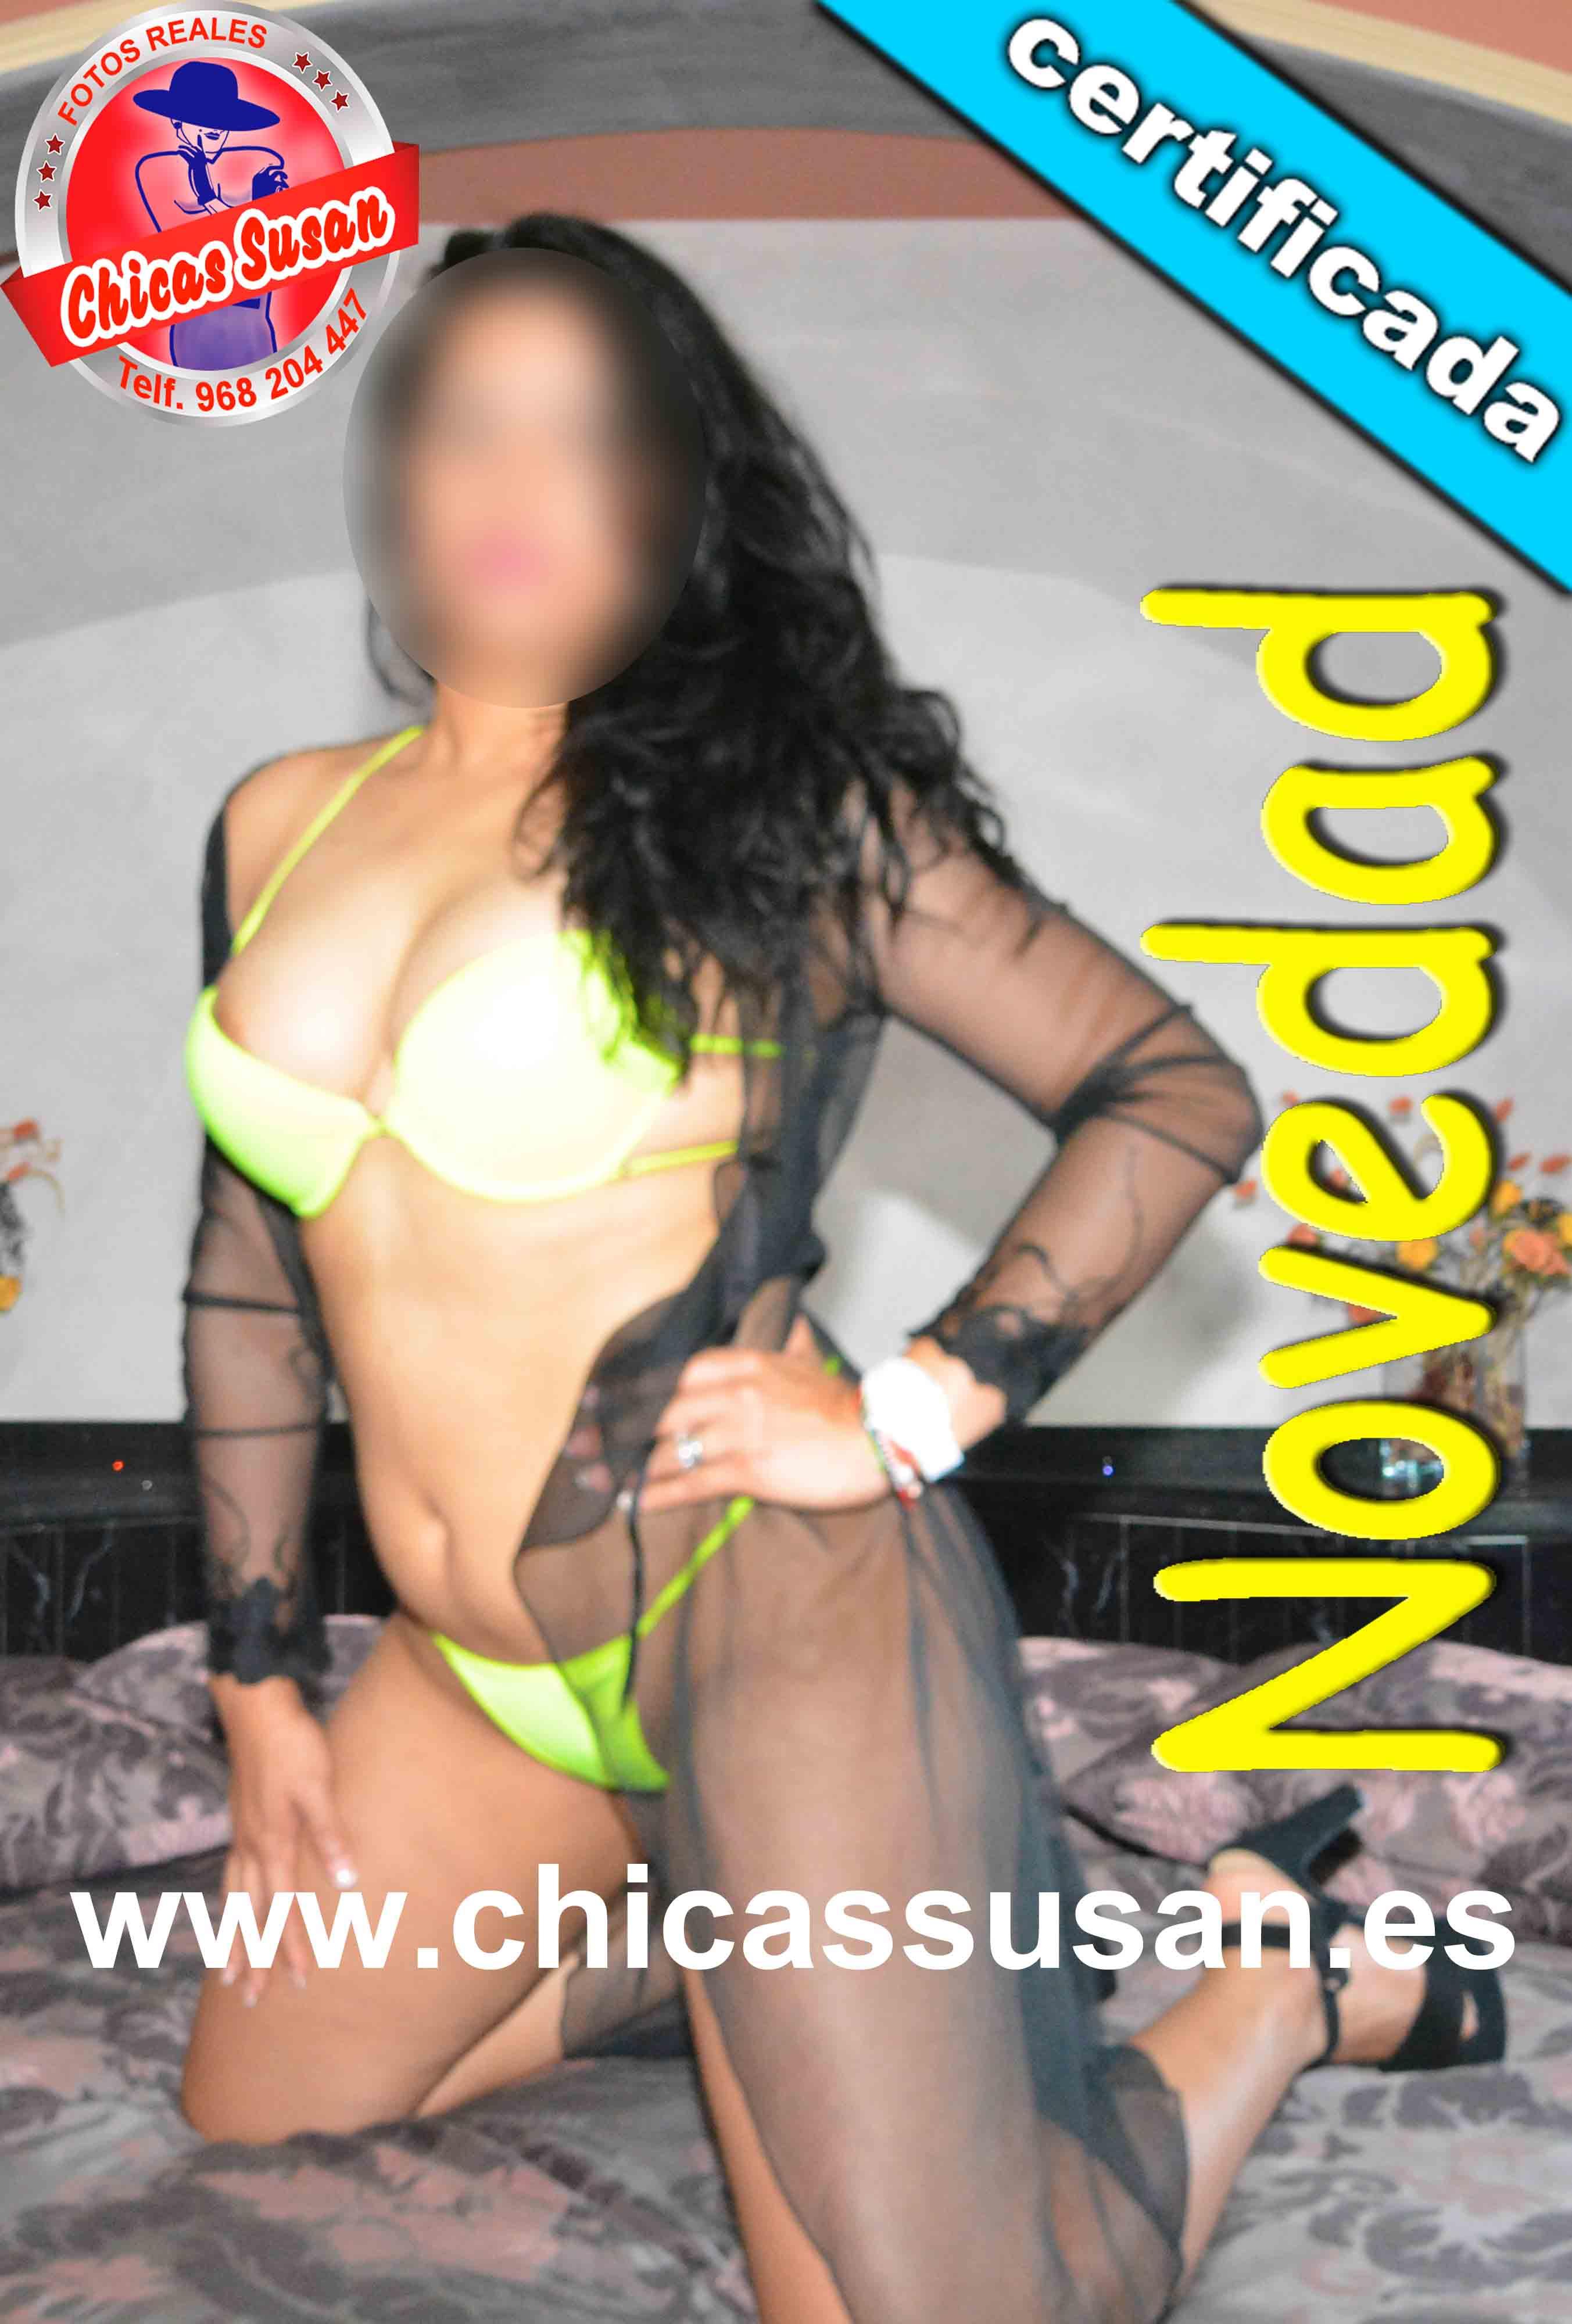 """escort y Putas Murcia y Escort En murcia Murciascort Pincha aquí:  <BR><BR><a href=""""http://www.chicassusan.es/chicas-en-murcia/mujeres-en-murcia/""""> <img src=""""http://www.murciascort.com/susan.pngf"""" width=""""200"""" height="""""""" /></a>  Aline, jovencita, puro fuego...  En Chicas Susan, fotos reales, como siempre."""